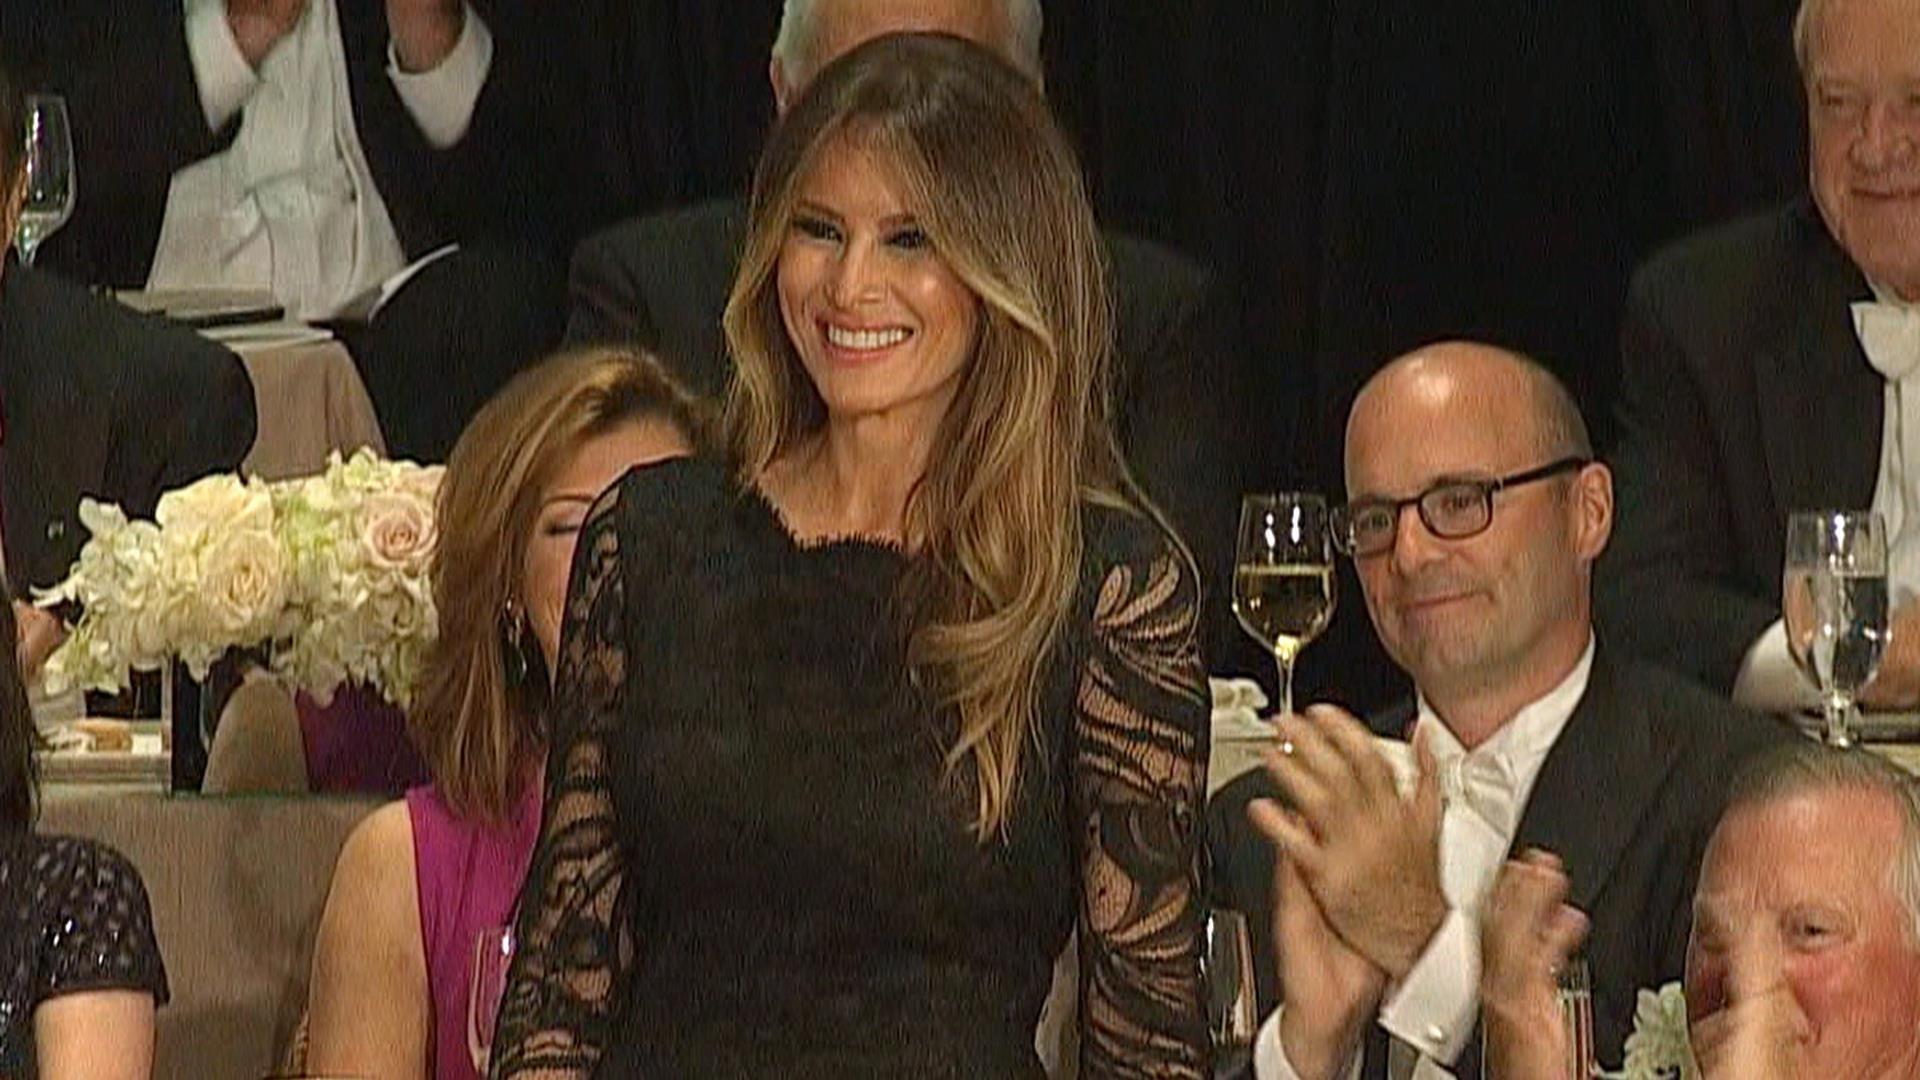 Trump Jokes About Melania's 'Exact Same' Speech as Michelle Obama – NBC News